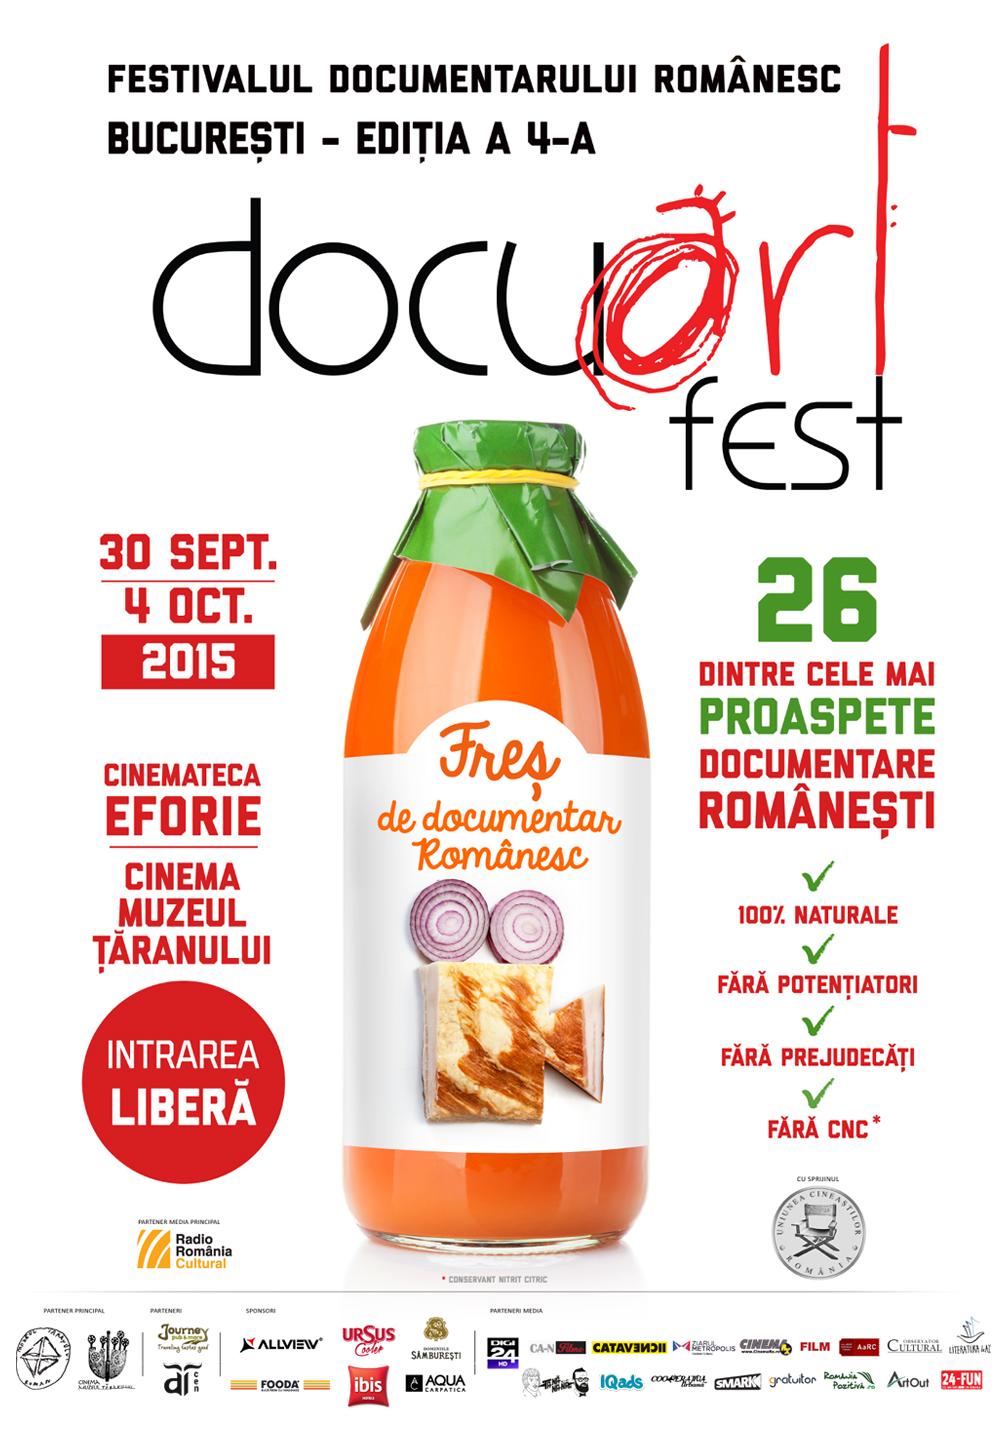 Docuart Fest ediția a 4-a, singurul festival de film dedicat exclusiv documentarului românesc